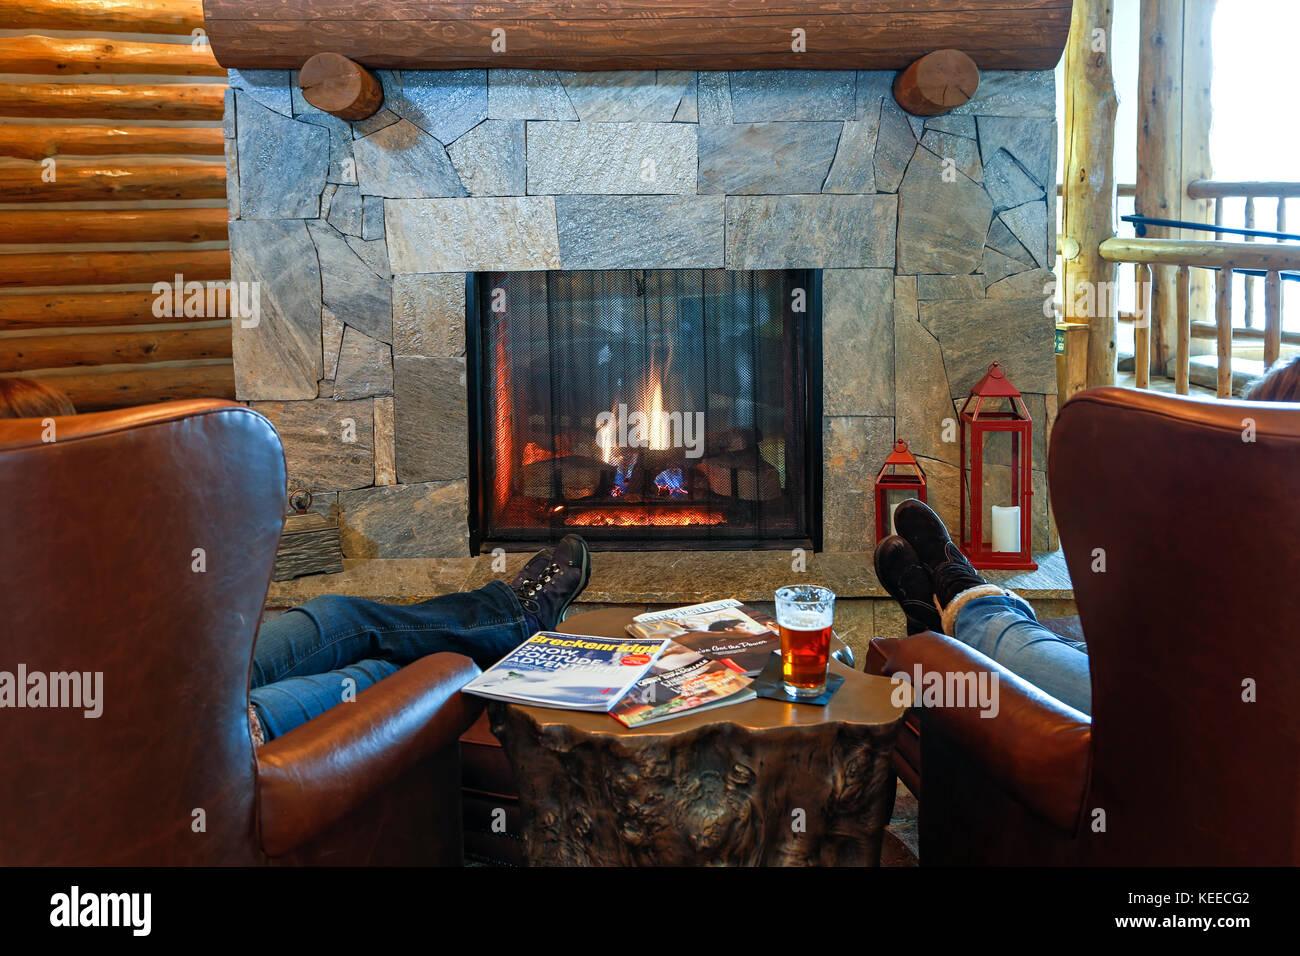 Fireplace, The Lodge at Breckenridge, Breckenridge, Colorado USA - Stock Image